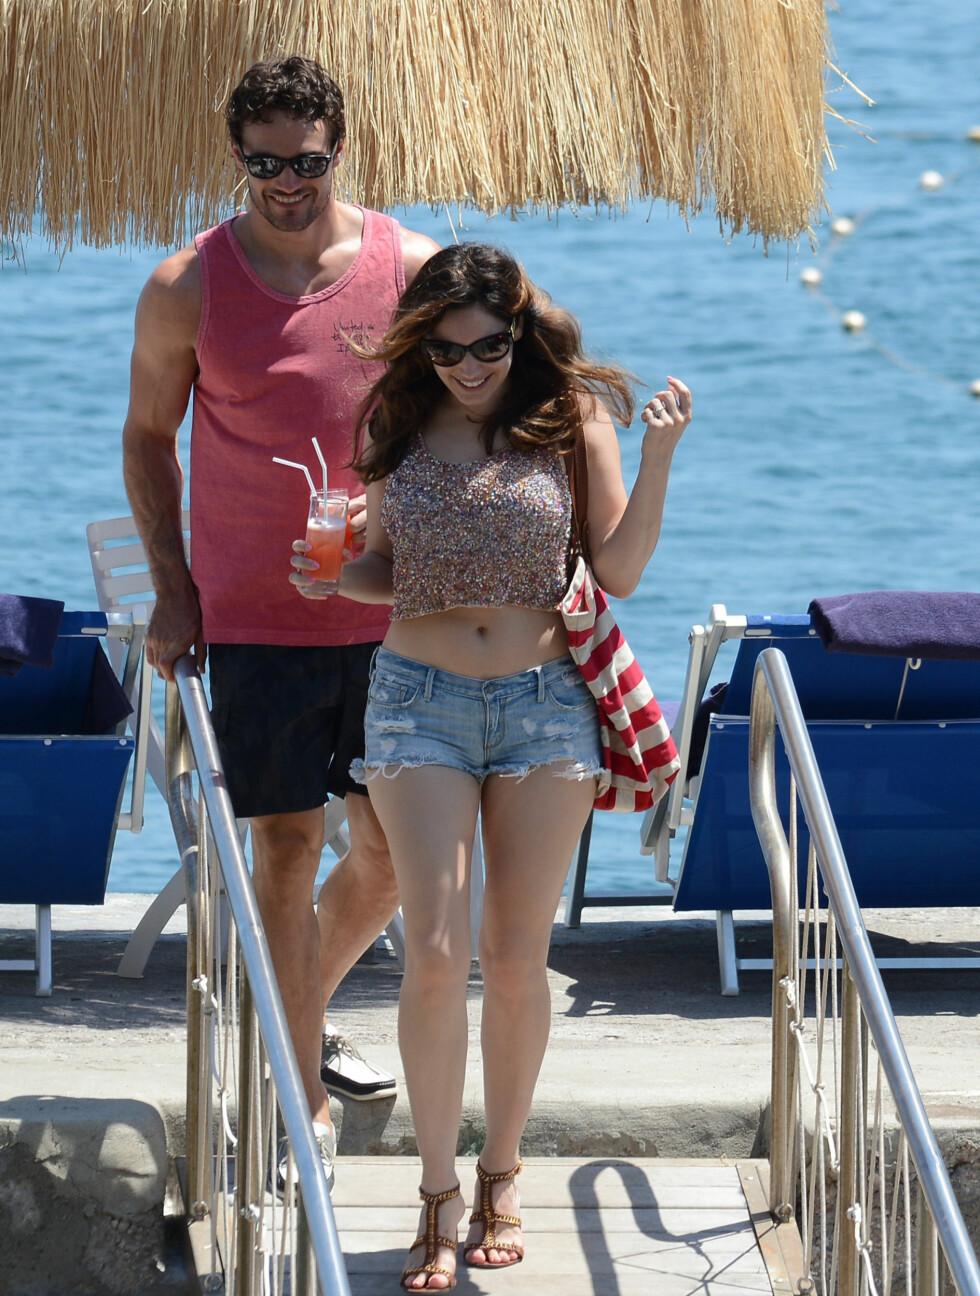 NYTER FERIEN: Kelly Brook og Thom Evans ankom øya Ischia i nærheten av Napoli mandag. Paret så ut til å være svært fornøyd med å være i ferieparadiset.  Foto: All Over Press